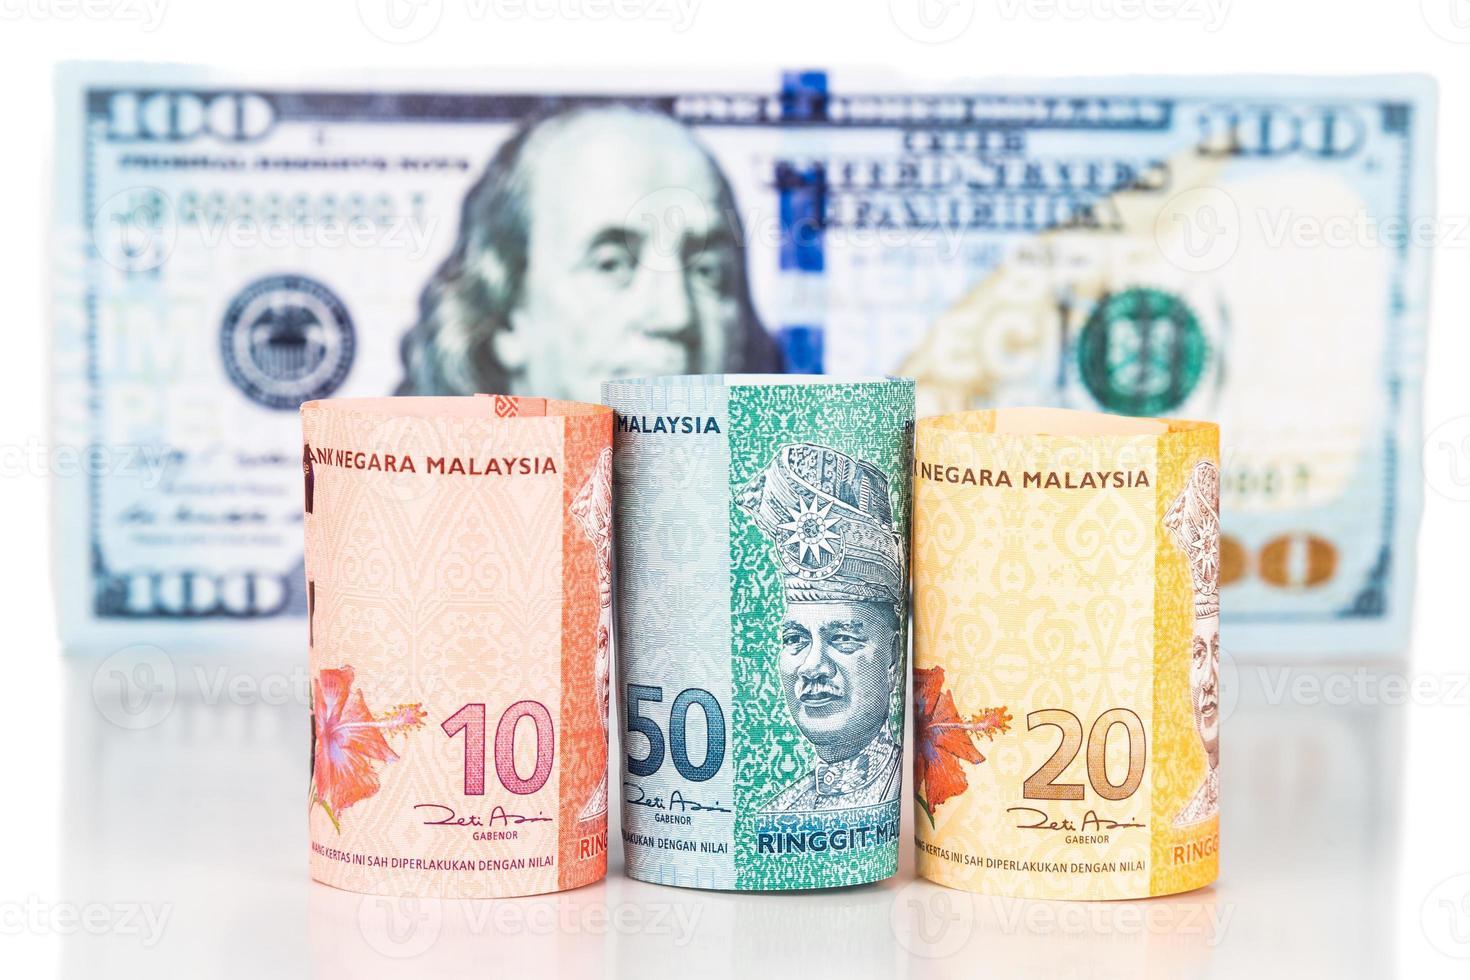 närbild av malaysia ringgit valuta sedel mot oss dollar foto